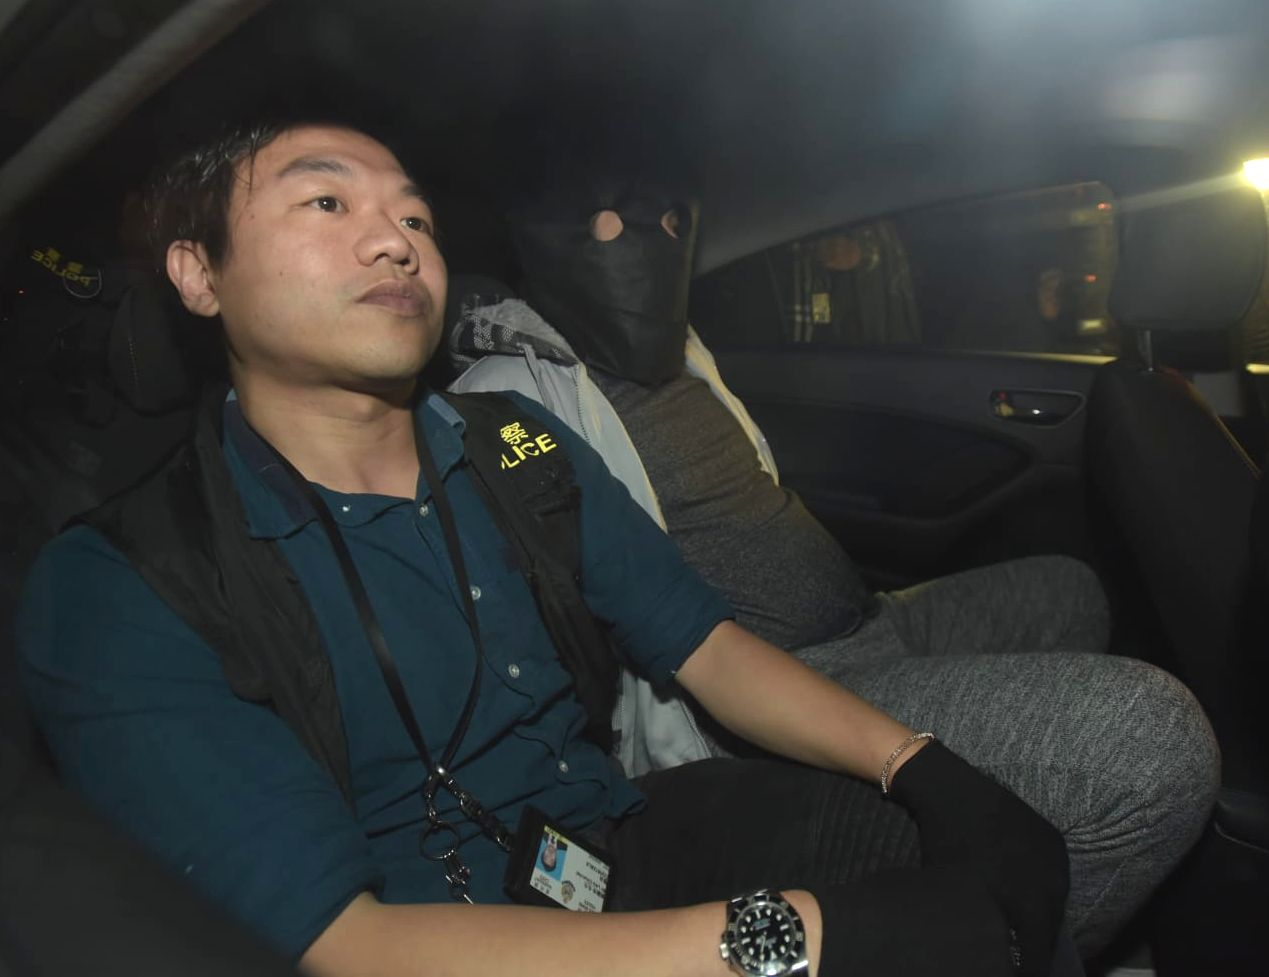 警方拘捕一名男子。